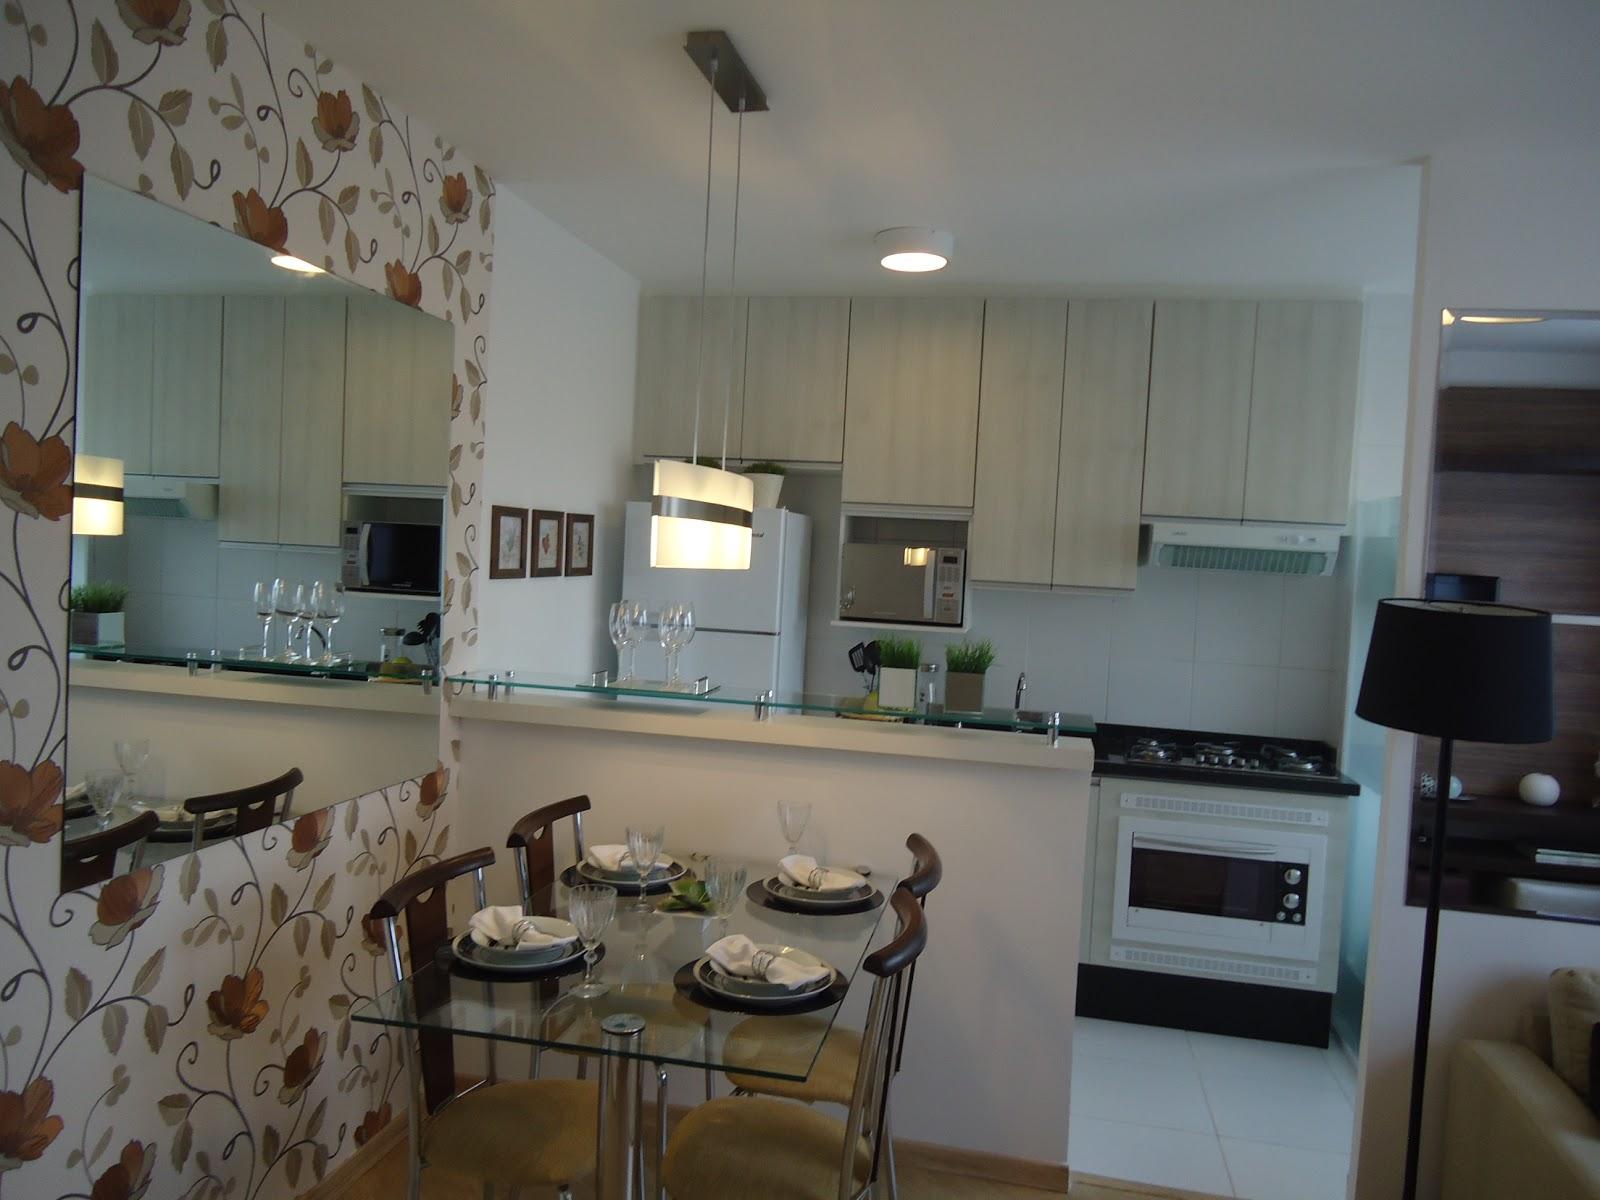 Apartamento Decorado Mrv Site Related Keywords Apartamento Decorado  #9E8D2D 1600x1200 Banheiro De Apartamento Decorado